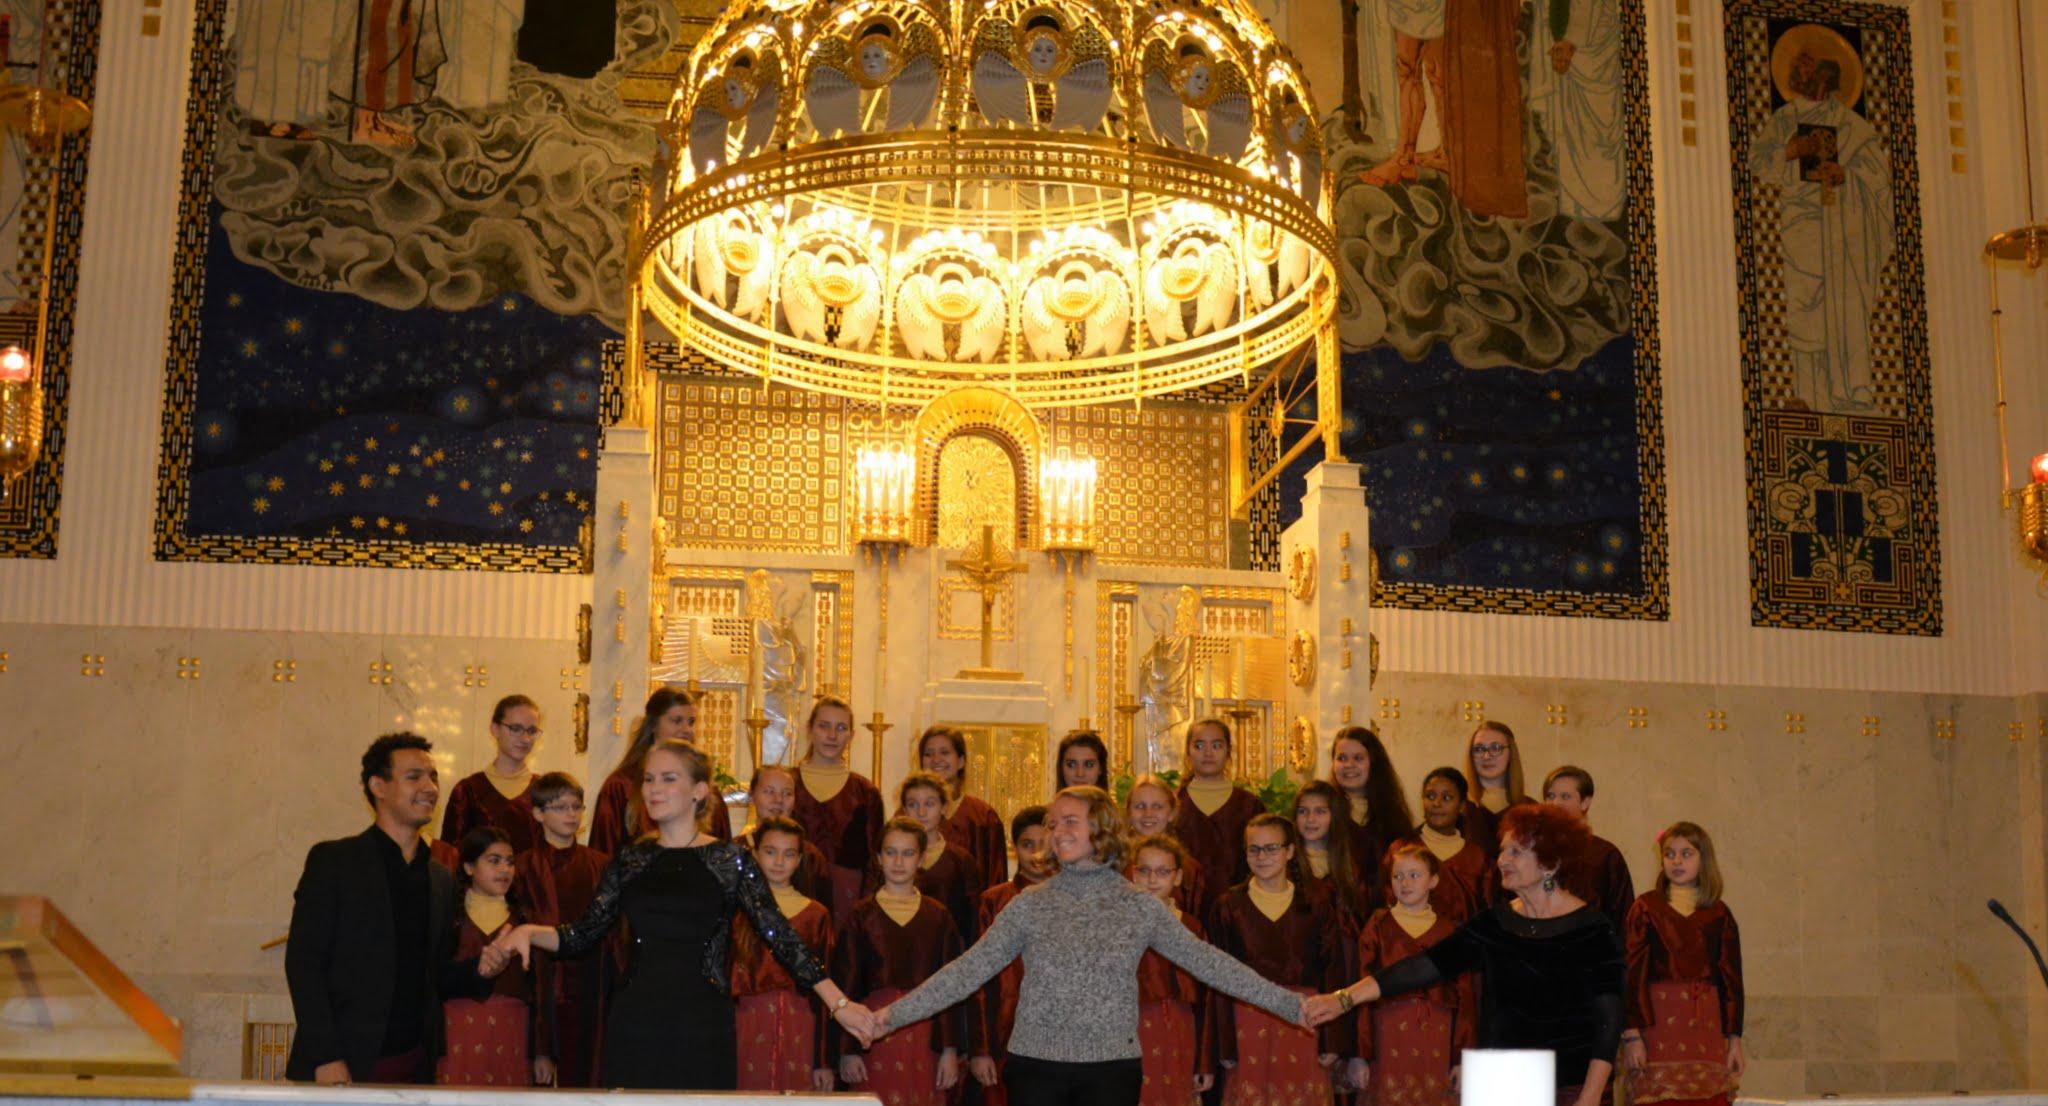 Konzert in der Otto Wagner Kirche am Steinhof